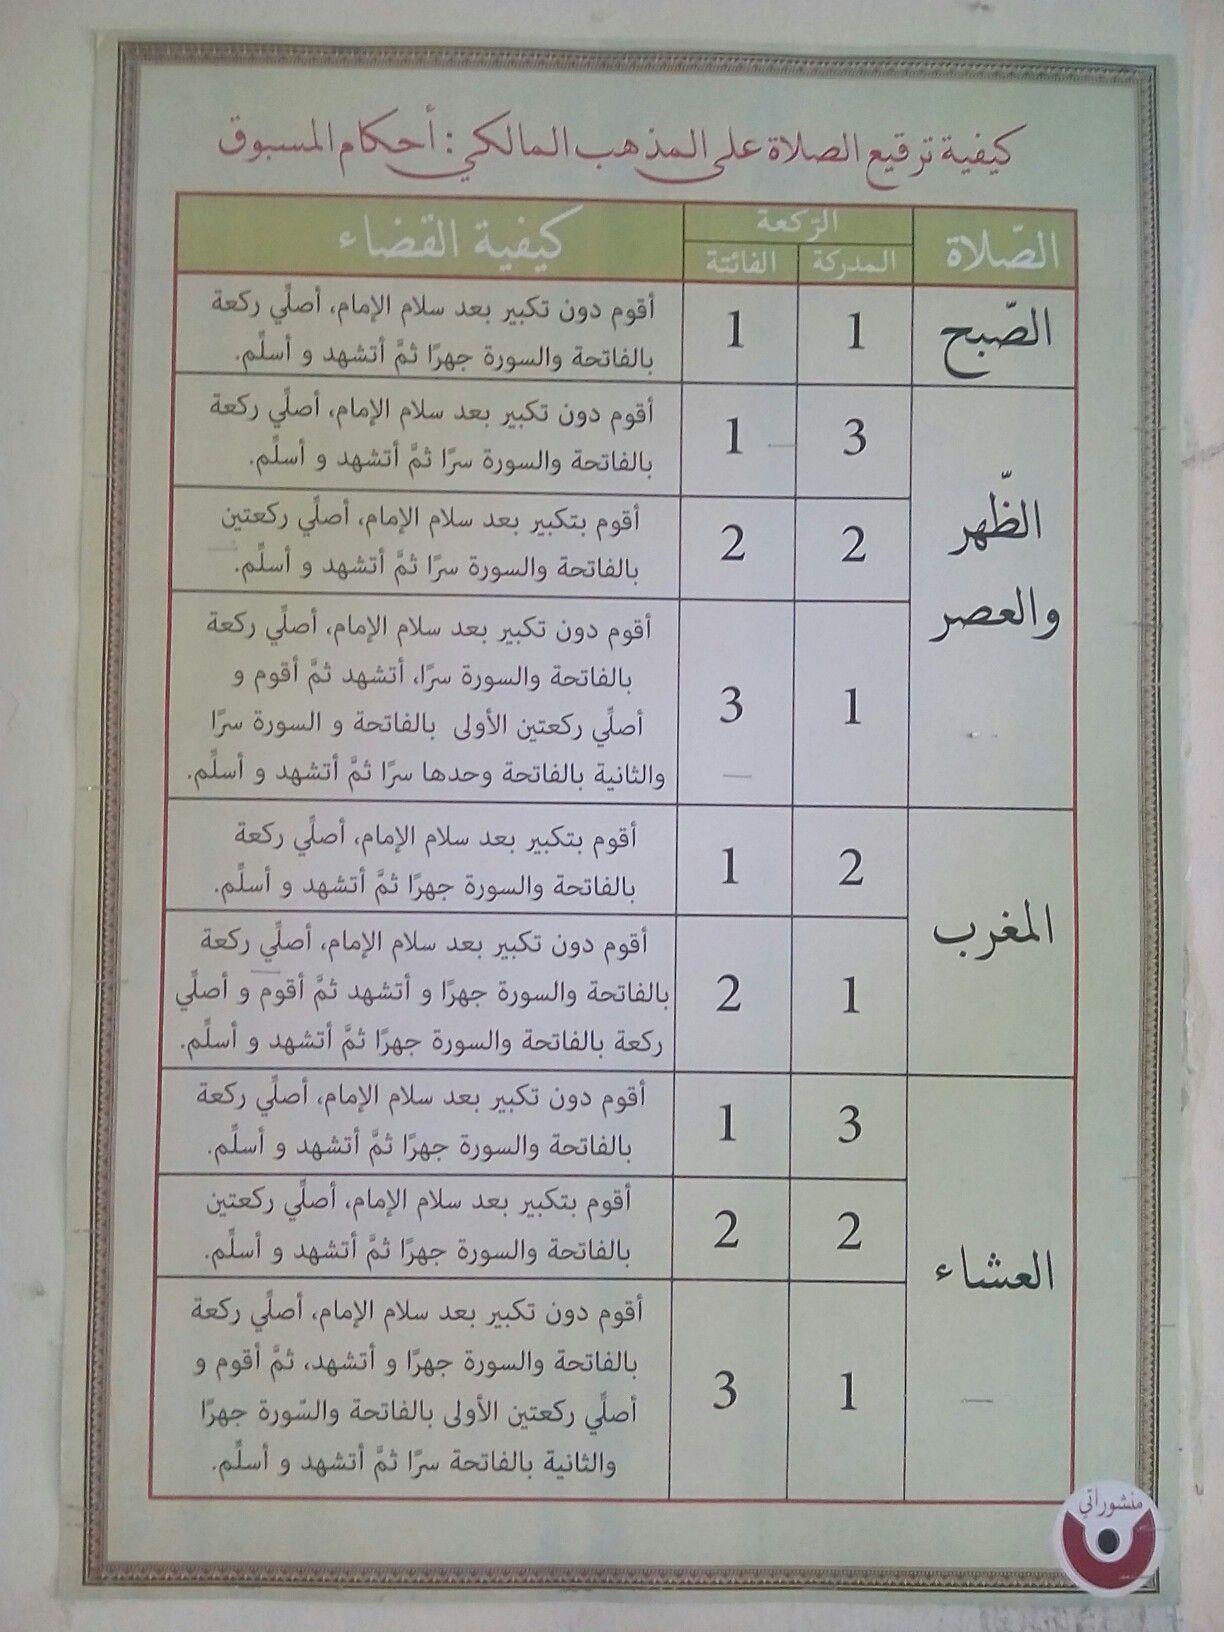 أحكام المسبوق لمن يريد ترقيع صلاته في المسجد Bullet Journal Journal